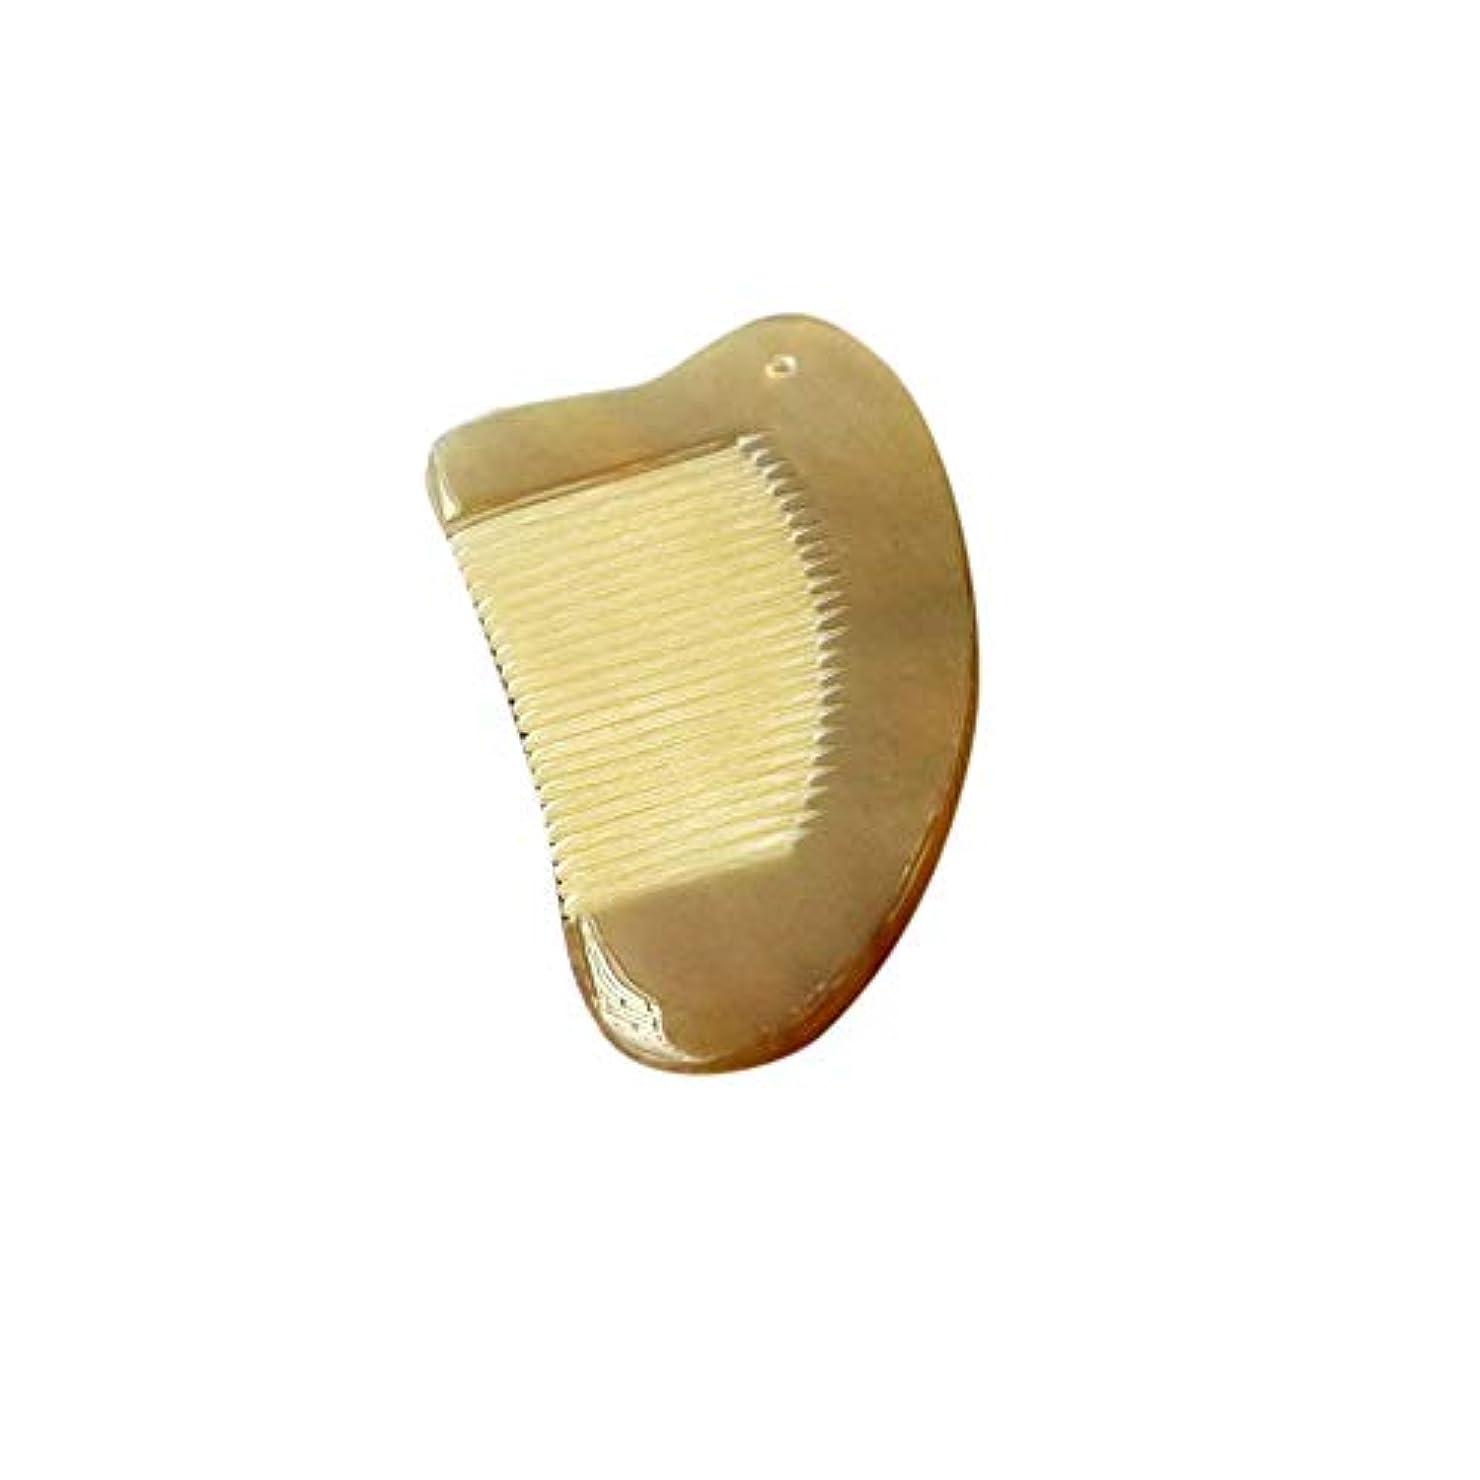 剥ぎ取るサドル割り当てますWASAIO ナチュラルバッファローホーンコーム-ハート型コーム12cmコーム男性女性ウェットドライカーリーストレートヘアブラシブラシ手作り (色 : Photo color)